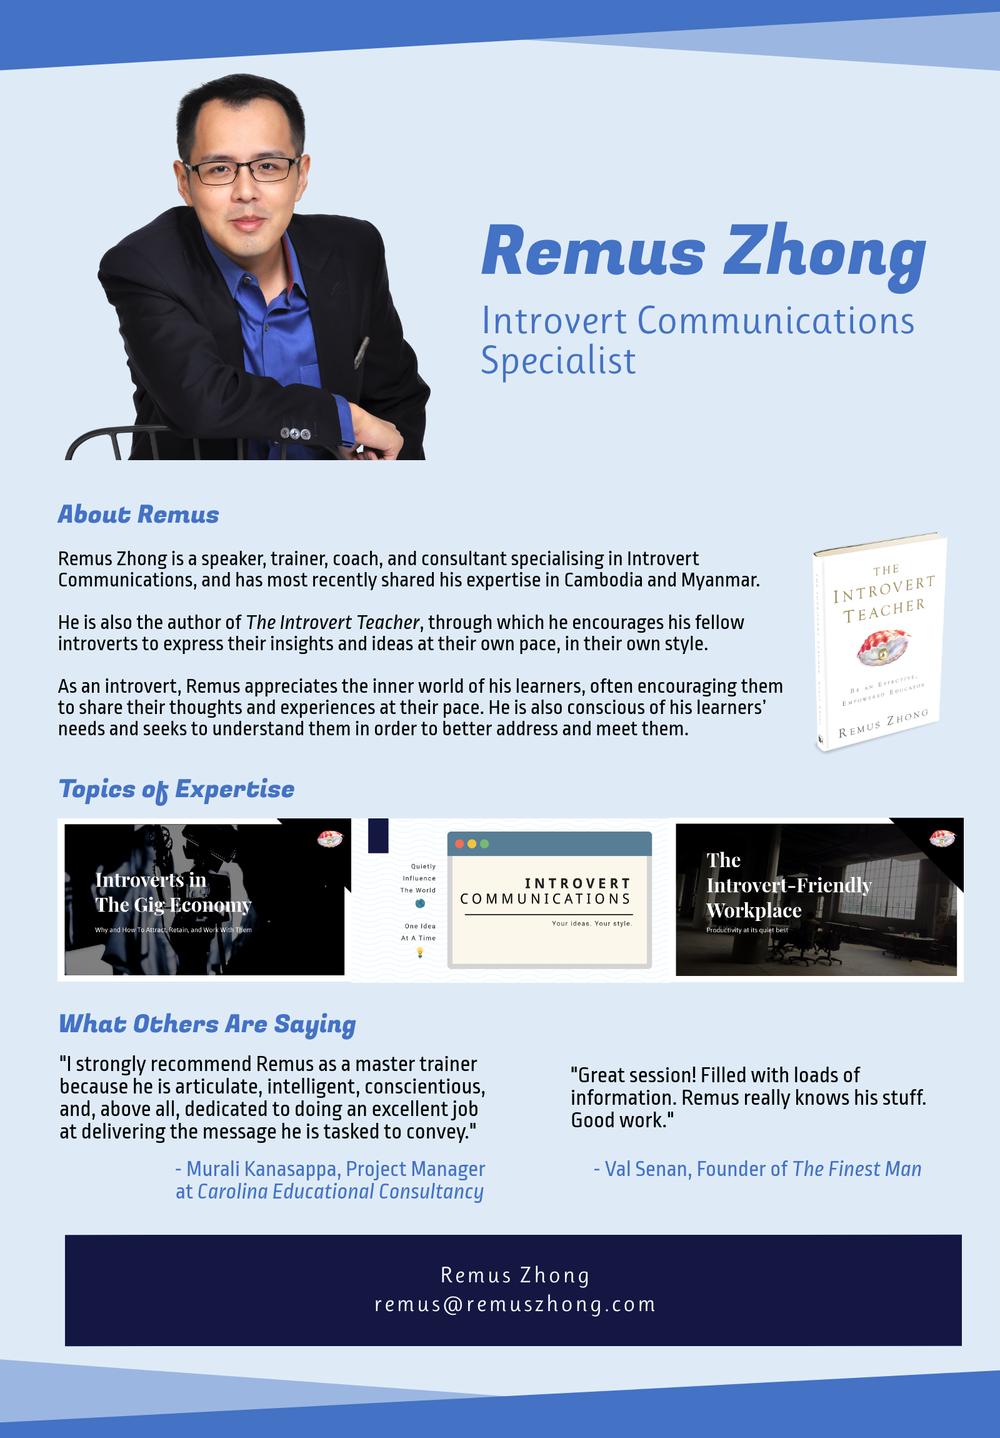 Remus Zhong - Corporate